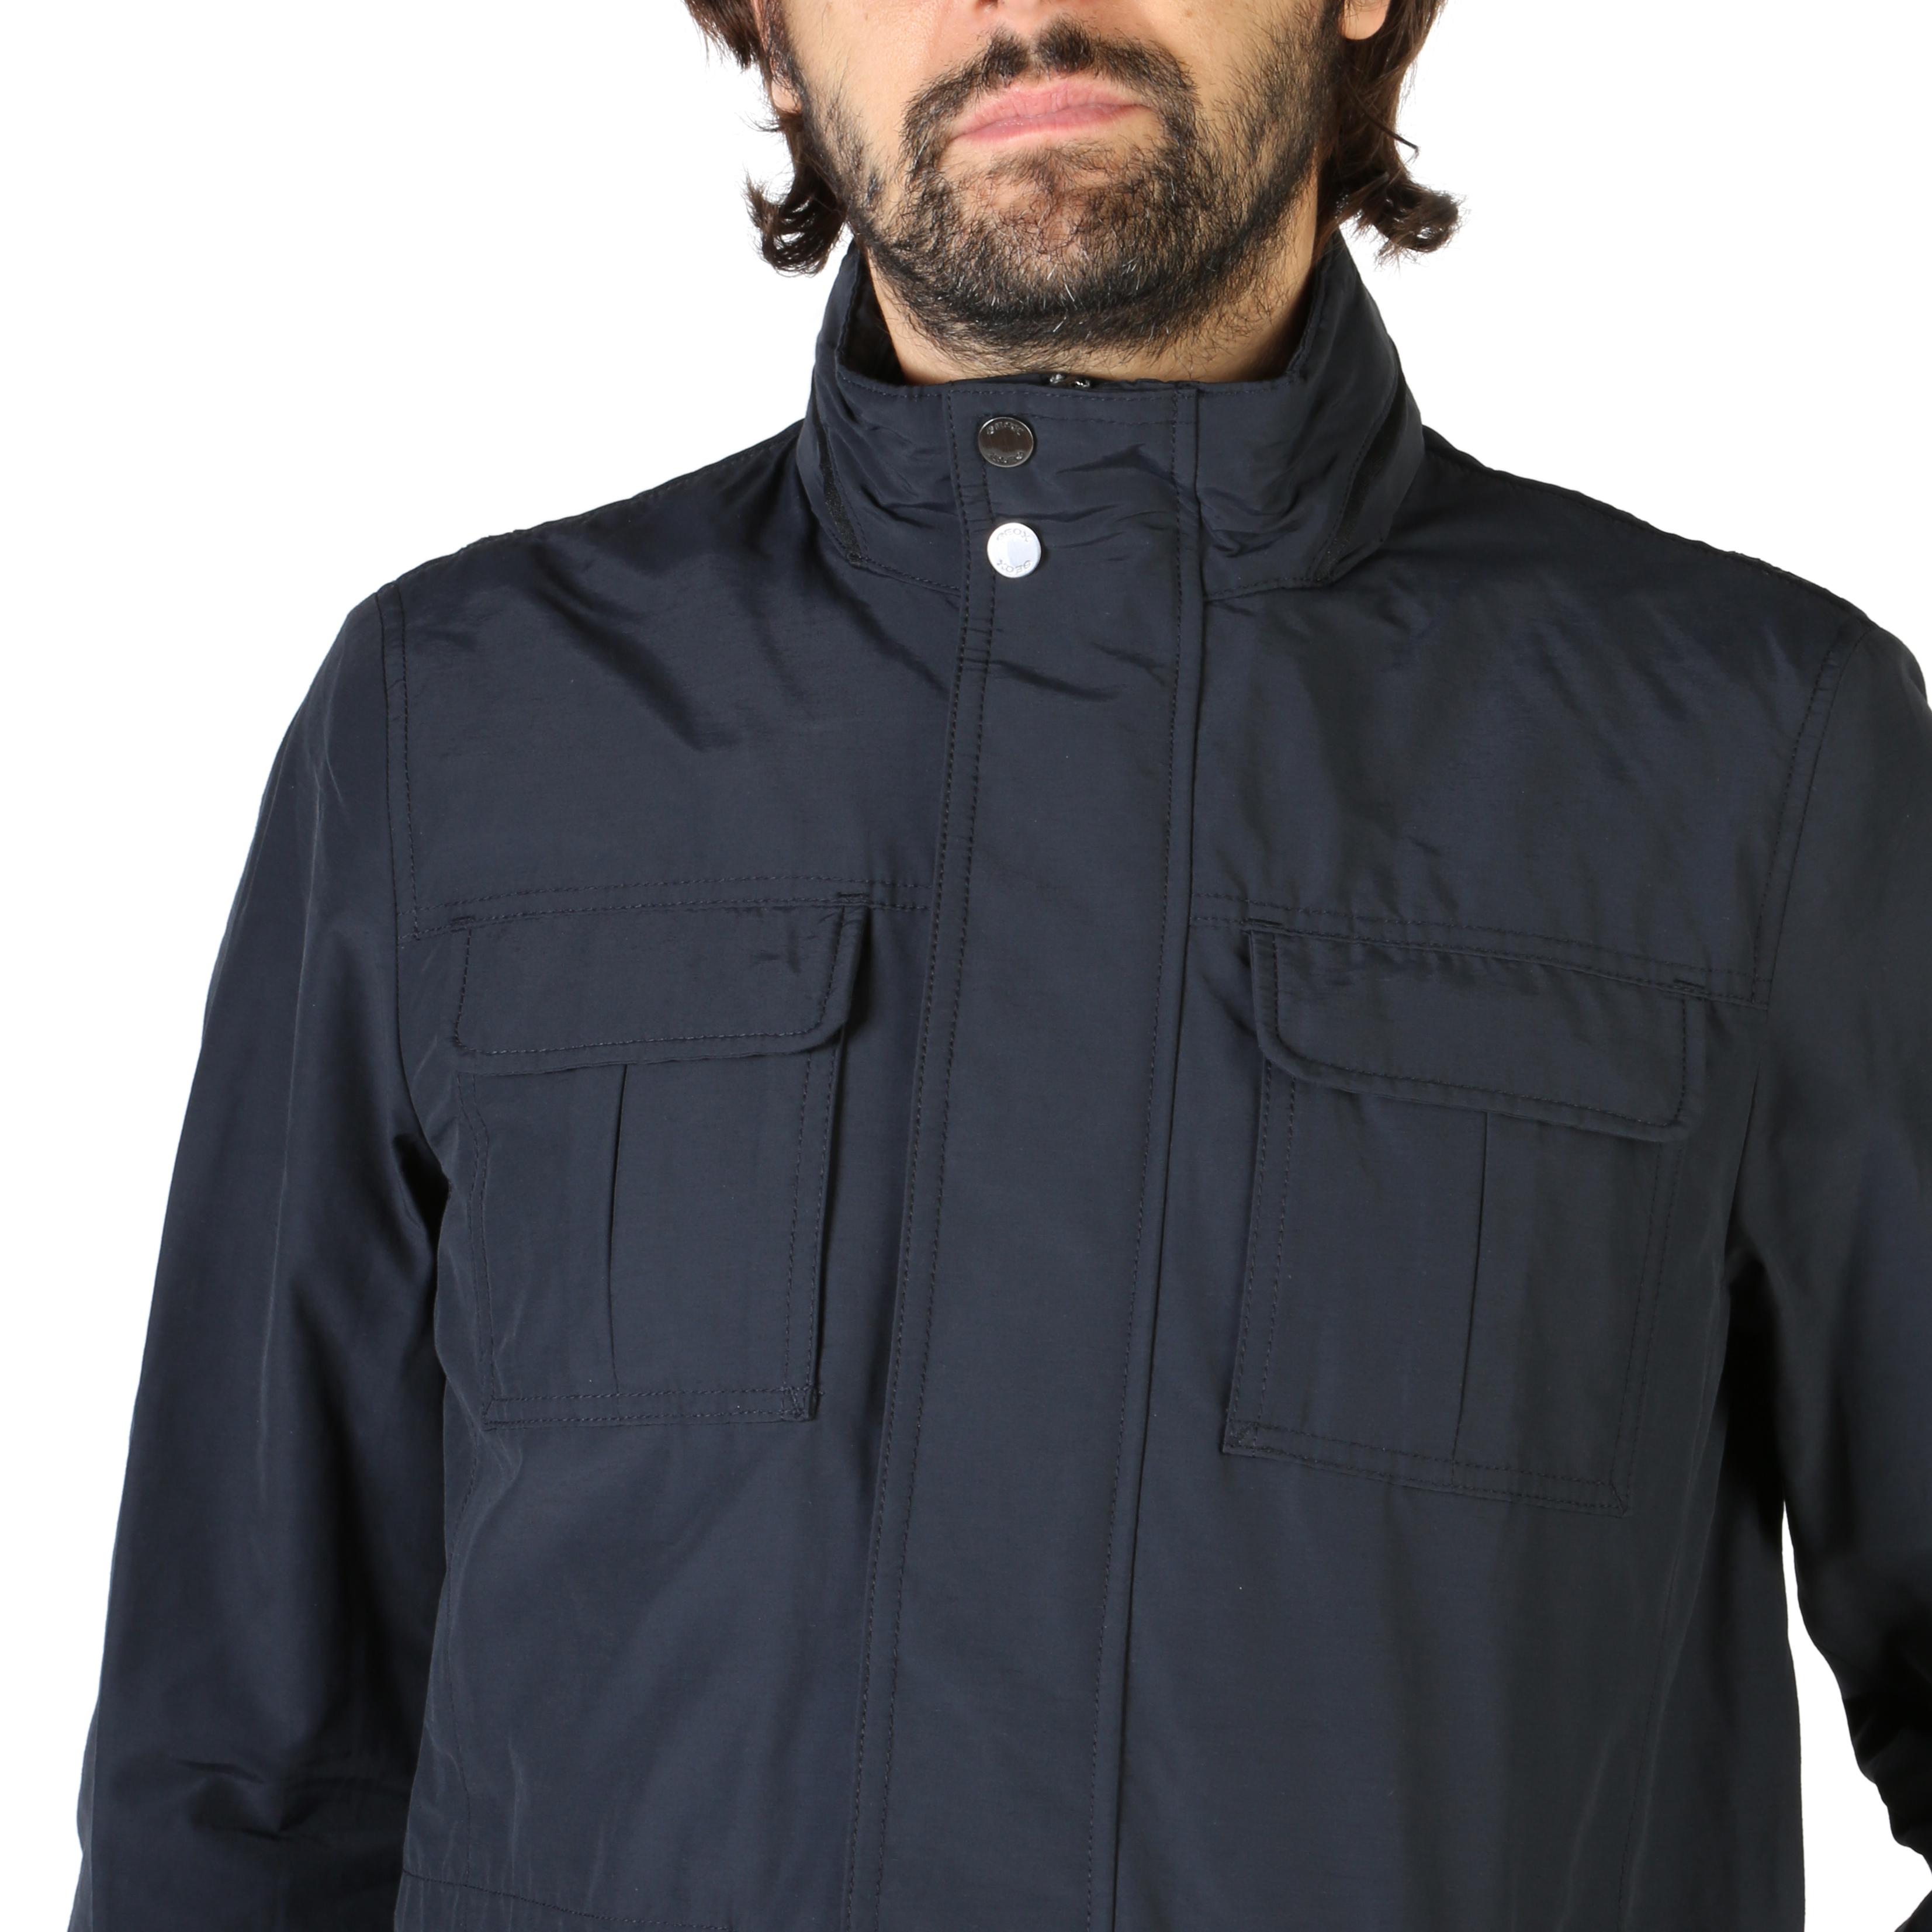 Geox-m8220ft2473-UOMO-BLU-106700-di-transizione-giacca-cotone-cappuccio-fruhlingsjac miniatura 3